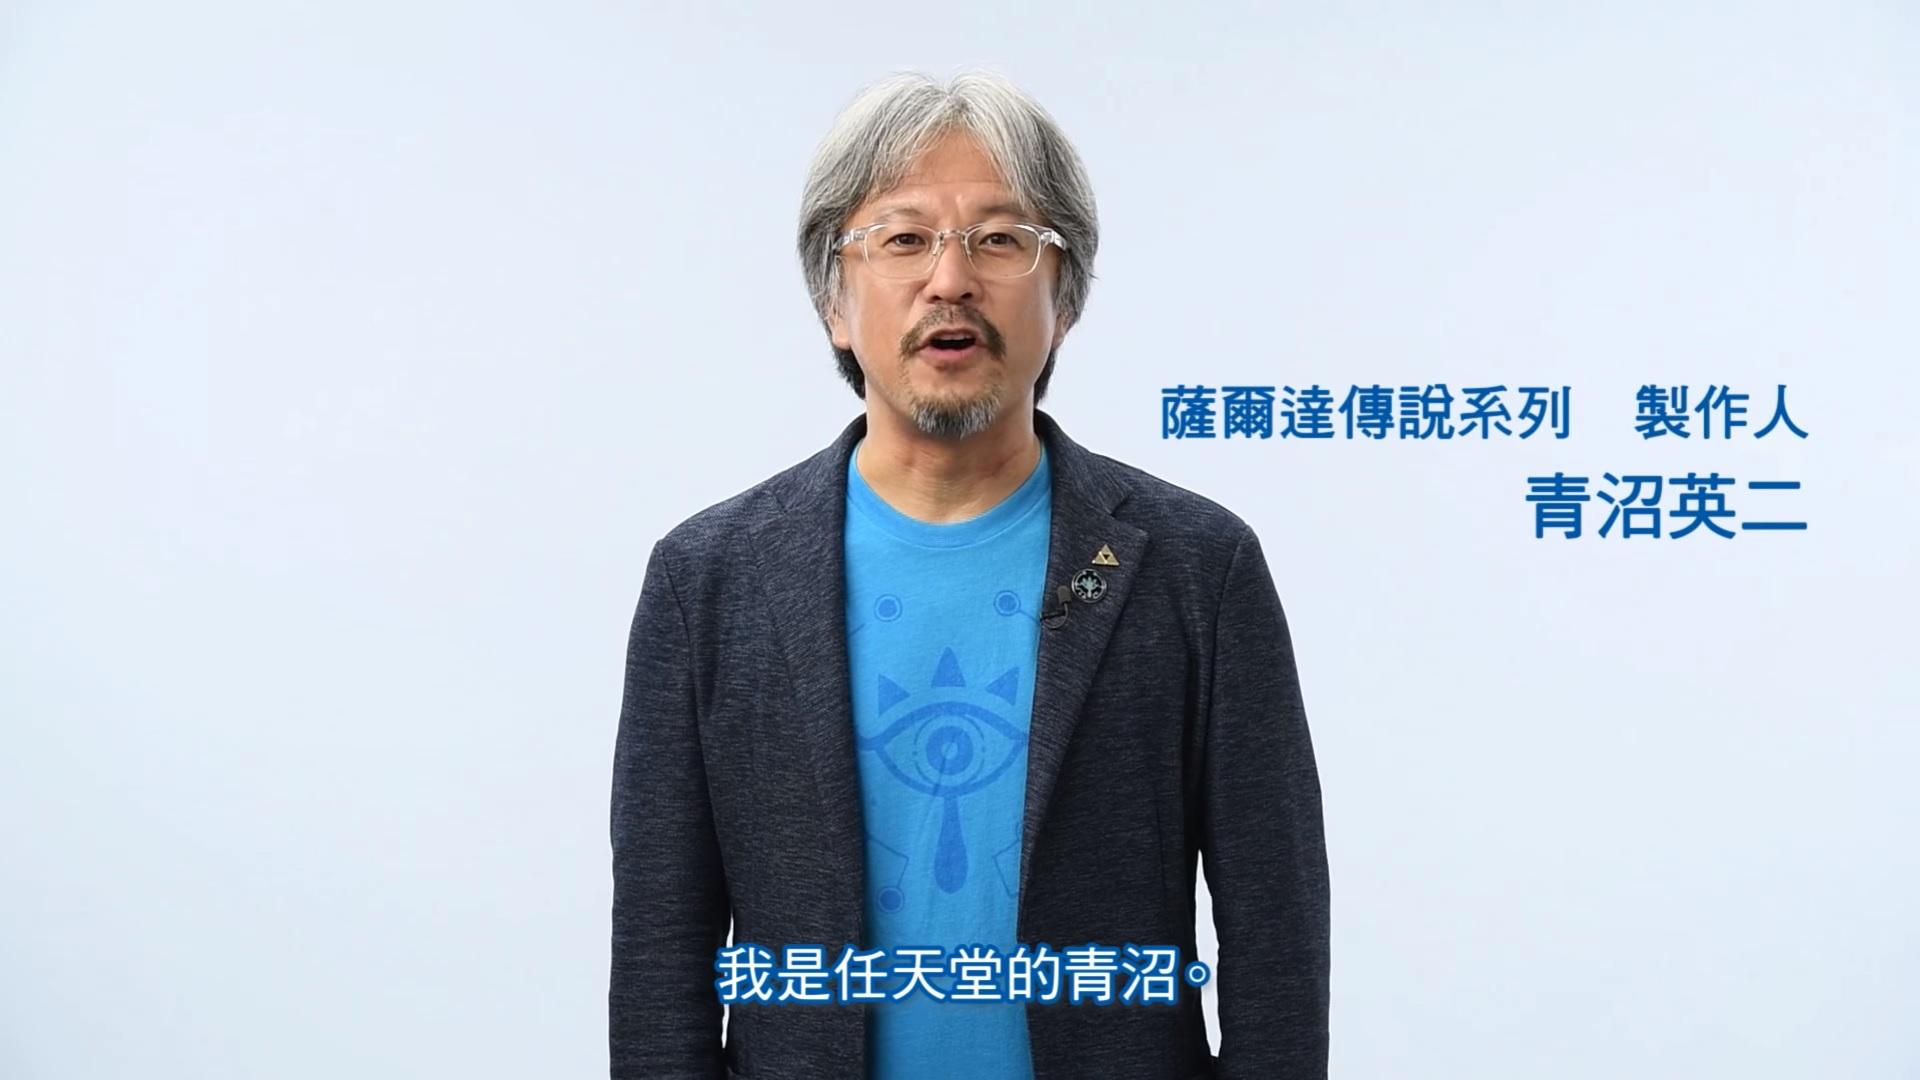 薩 爾 達 傳說 中文 版 switch